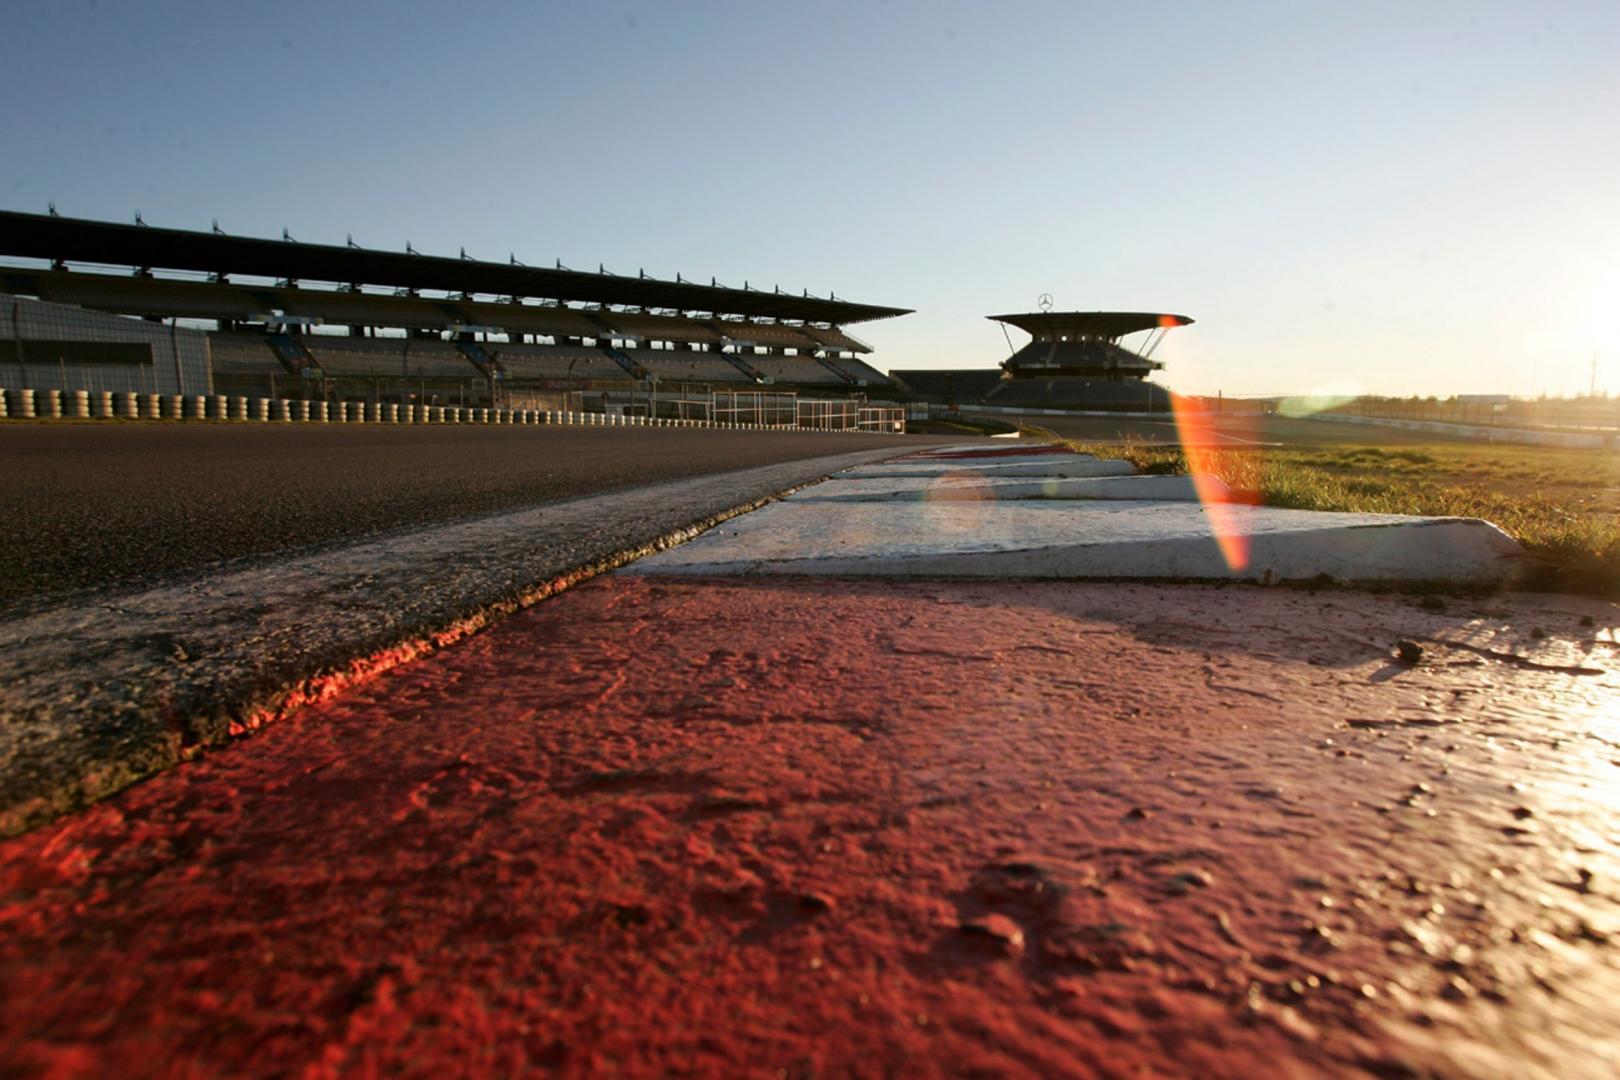 Kerbstenen Nurburgring GP circuit